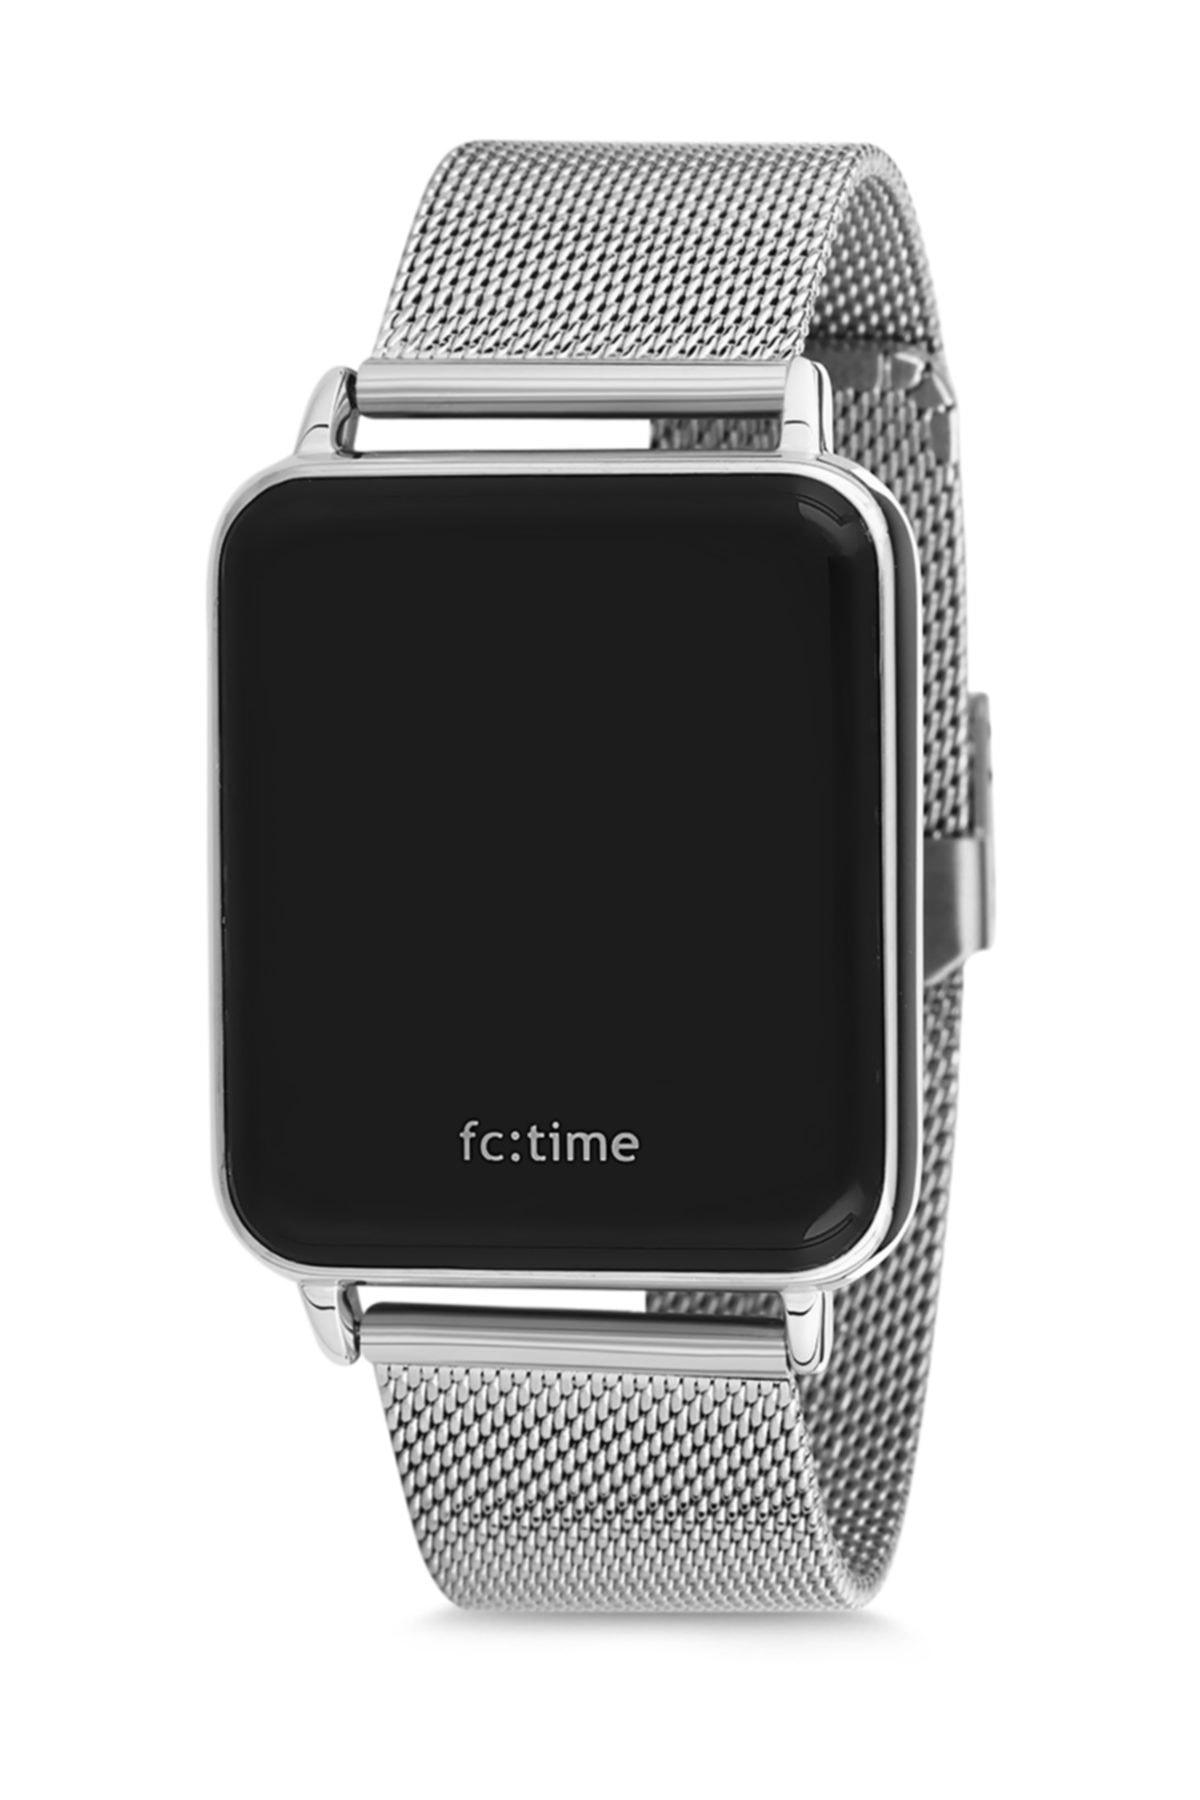 Ferrucci Fc.10899.2 Dijital Dokunmatik Unisex Kol Saati 1